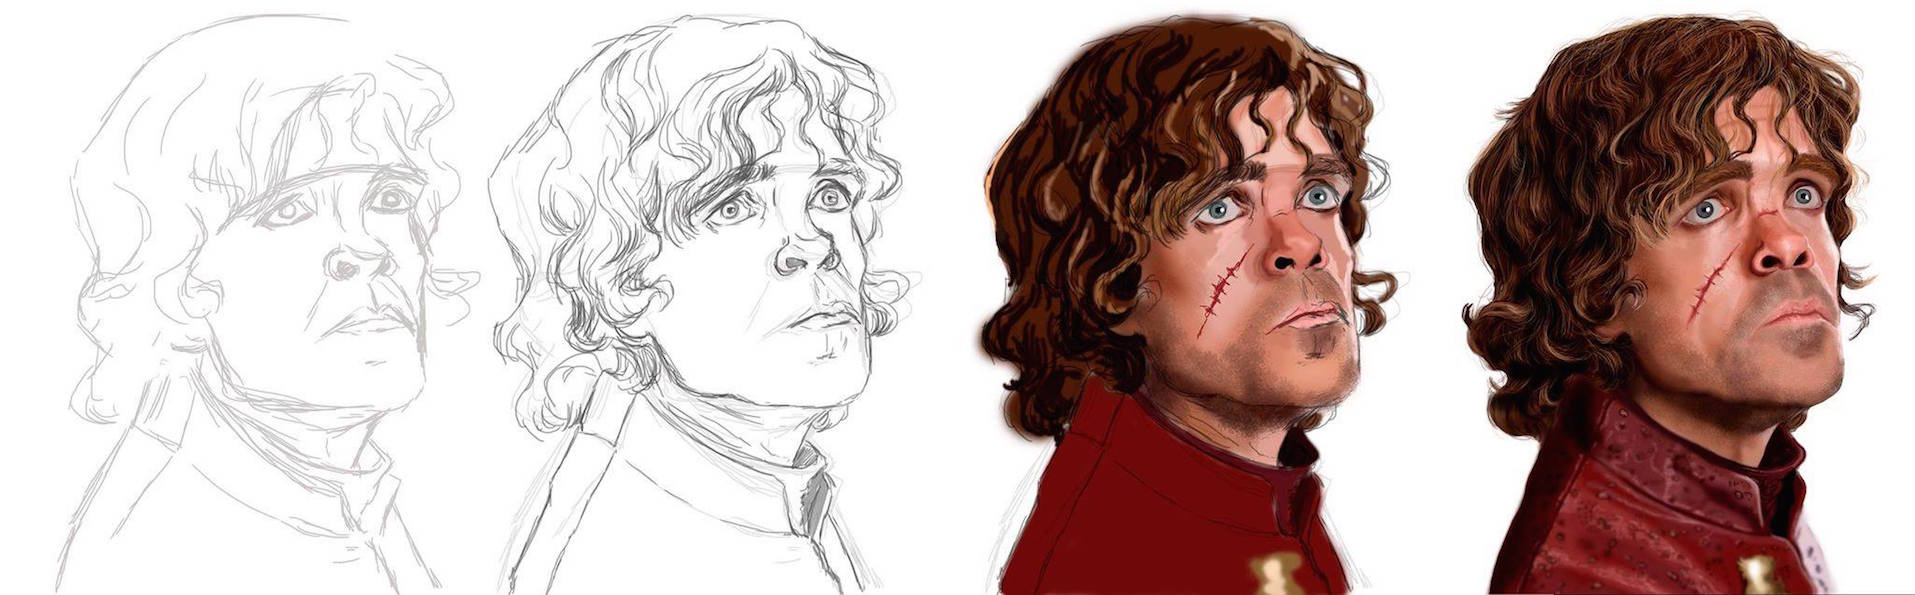 Tyrion Lannister, uno de los favoritos de todos los fans de #JuegodeTronos, logra llegar vivo a la última temporada.